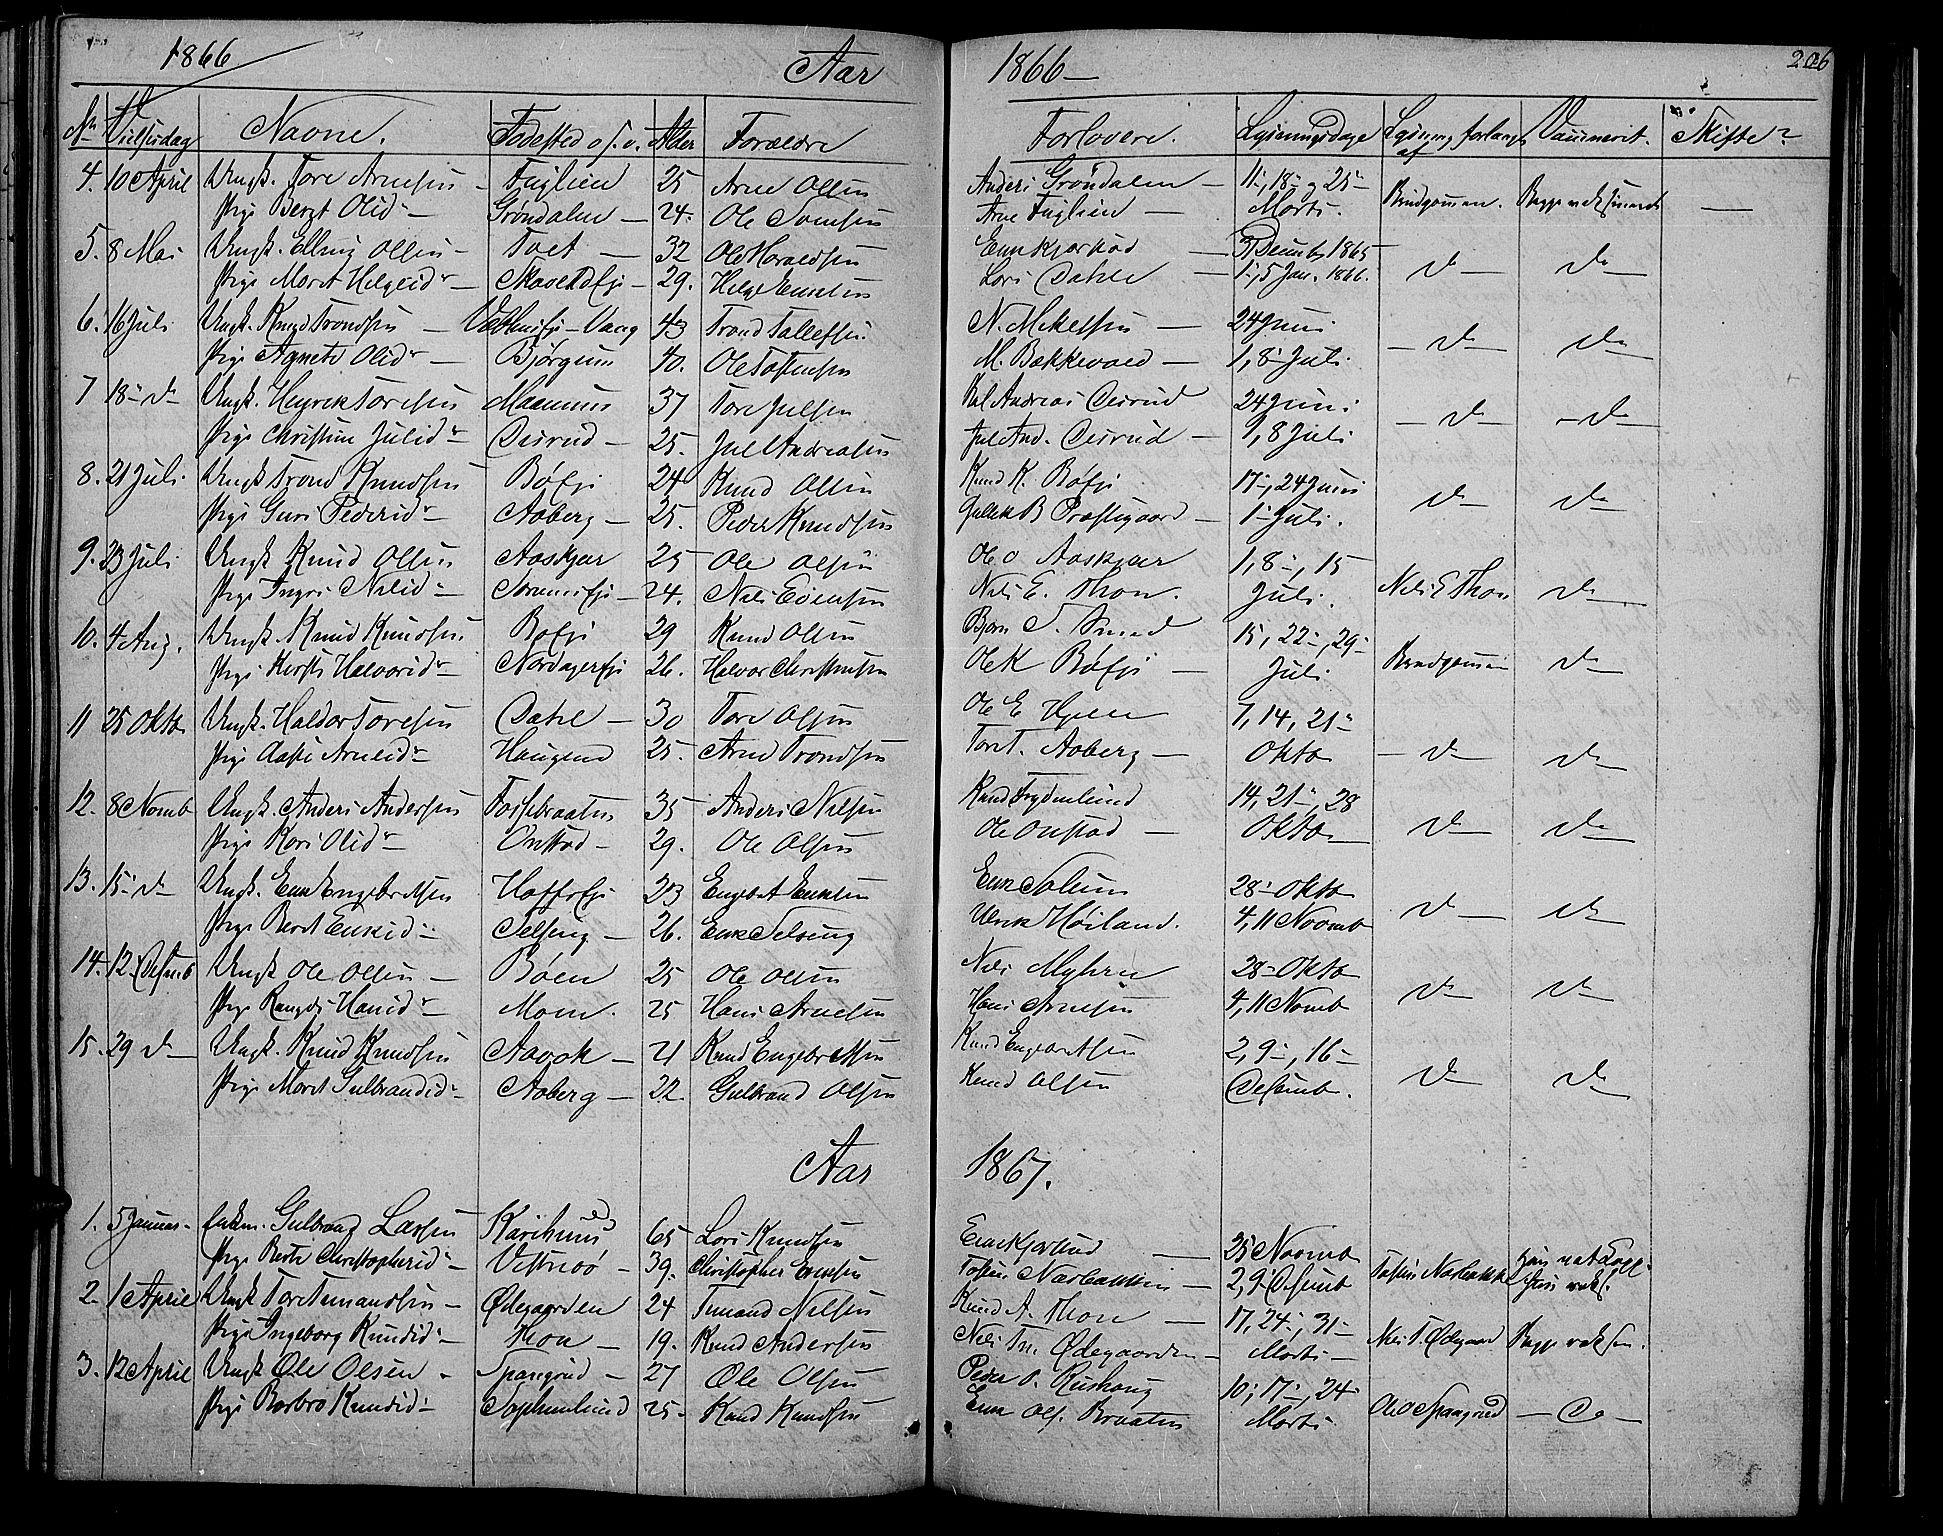 SAH, Nord-Aurdal prestekontor, Klokkerbok nr. 2, 1842-1877, s. 206